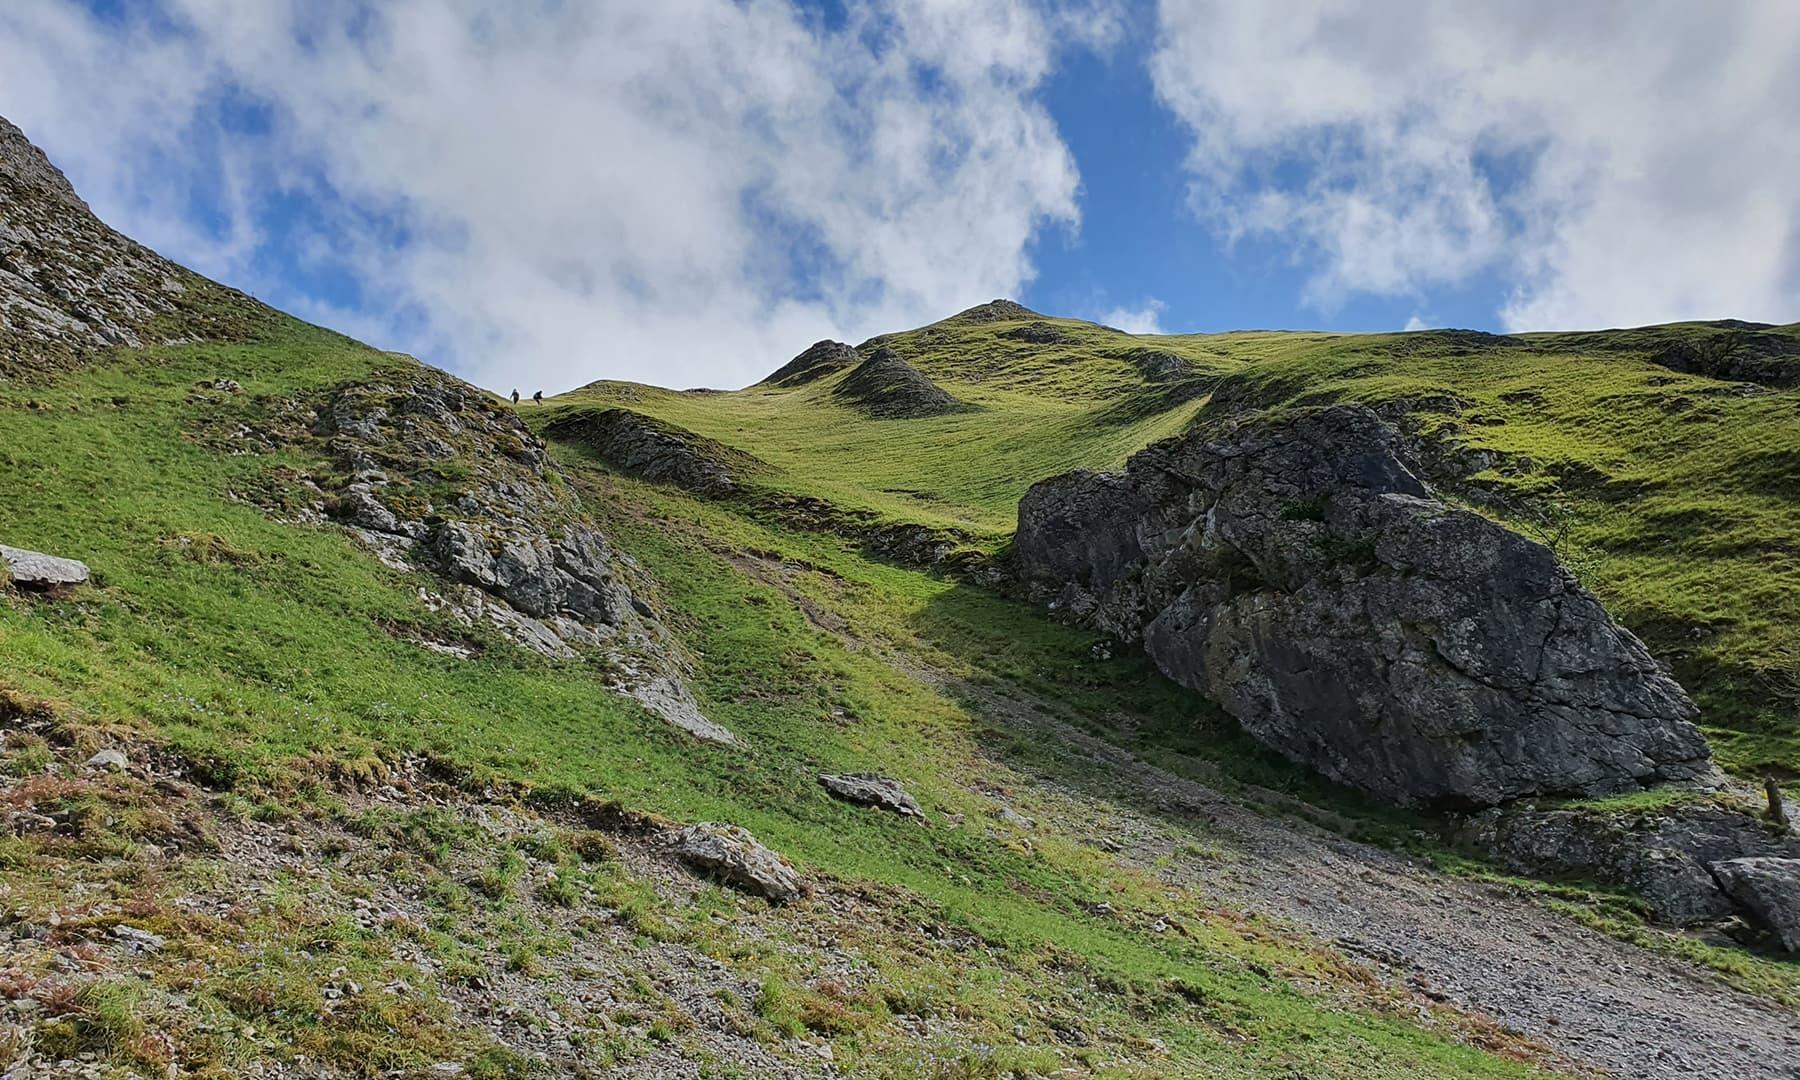 'پہاڑوں سے متعلق جو خاصیت پاکستان میں ہے وہ پورے برطانیہ میں نہیں'